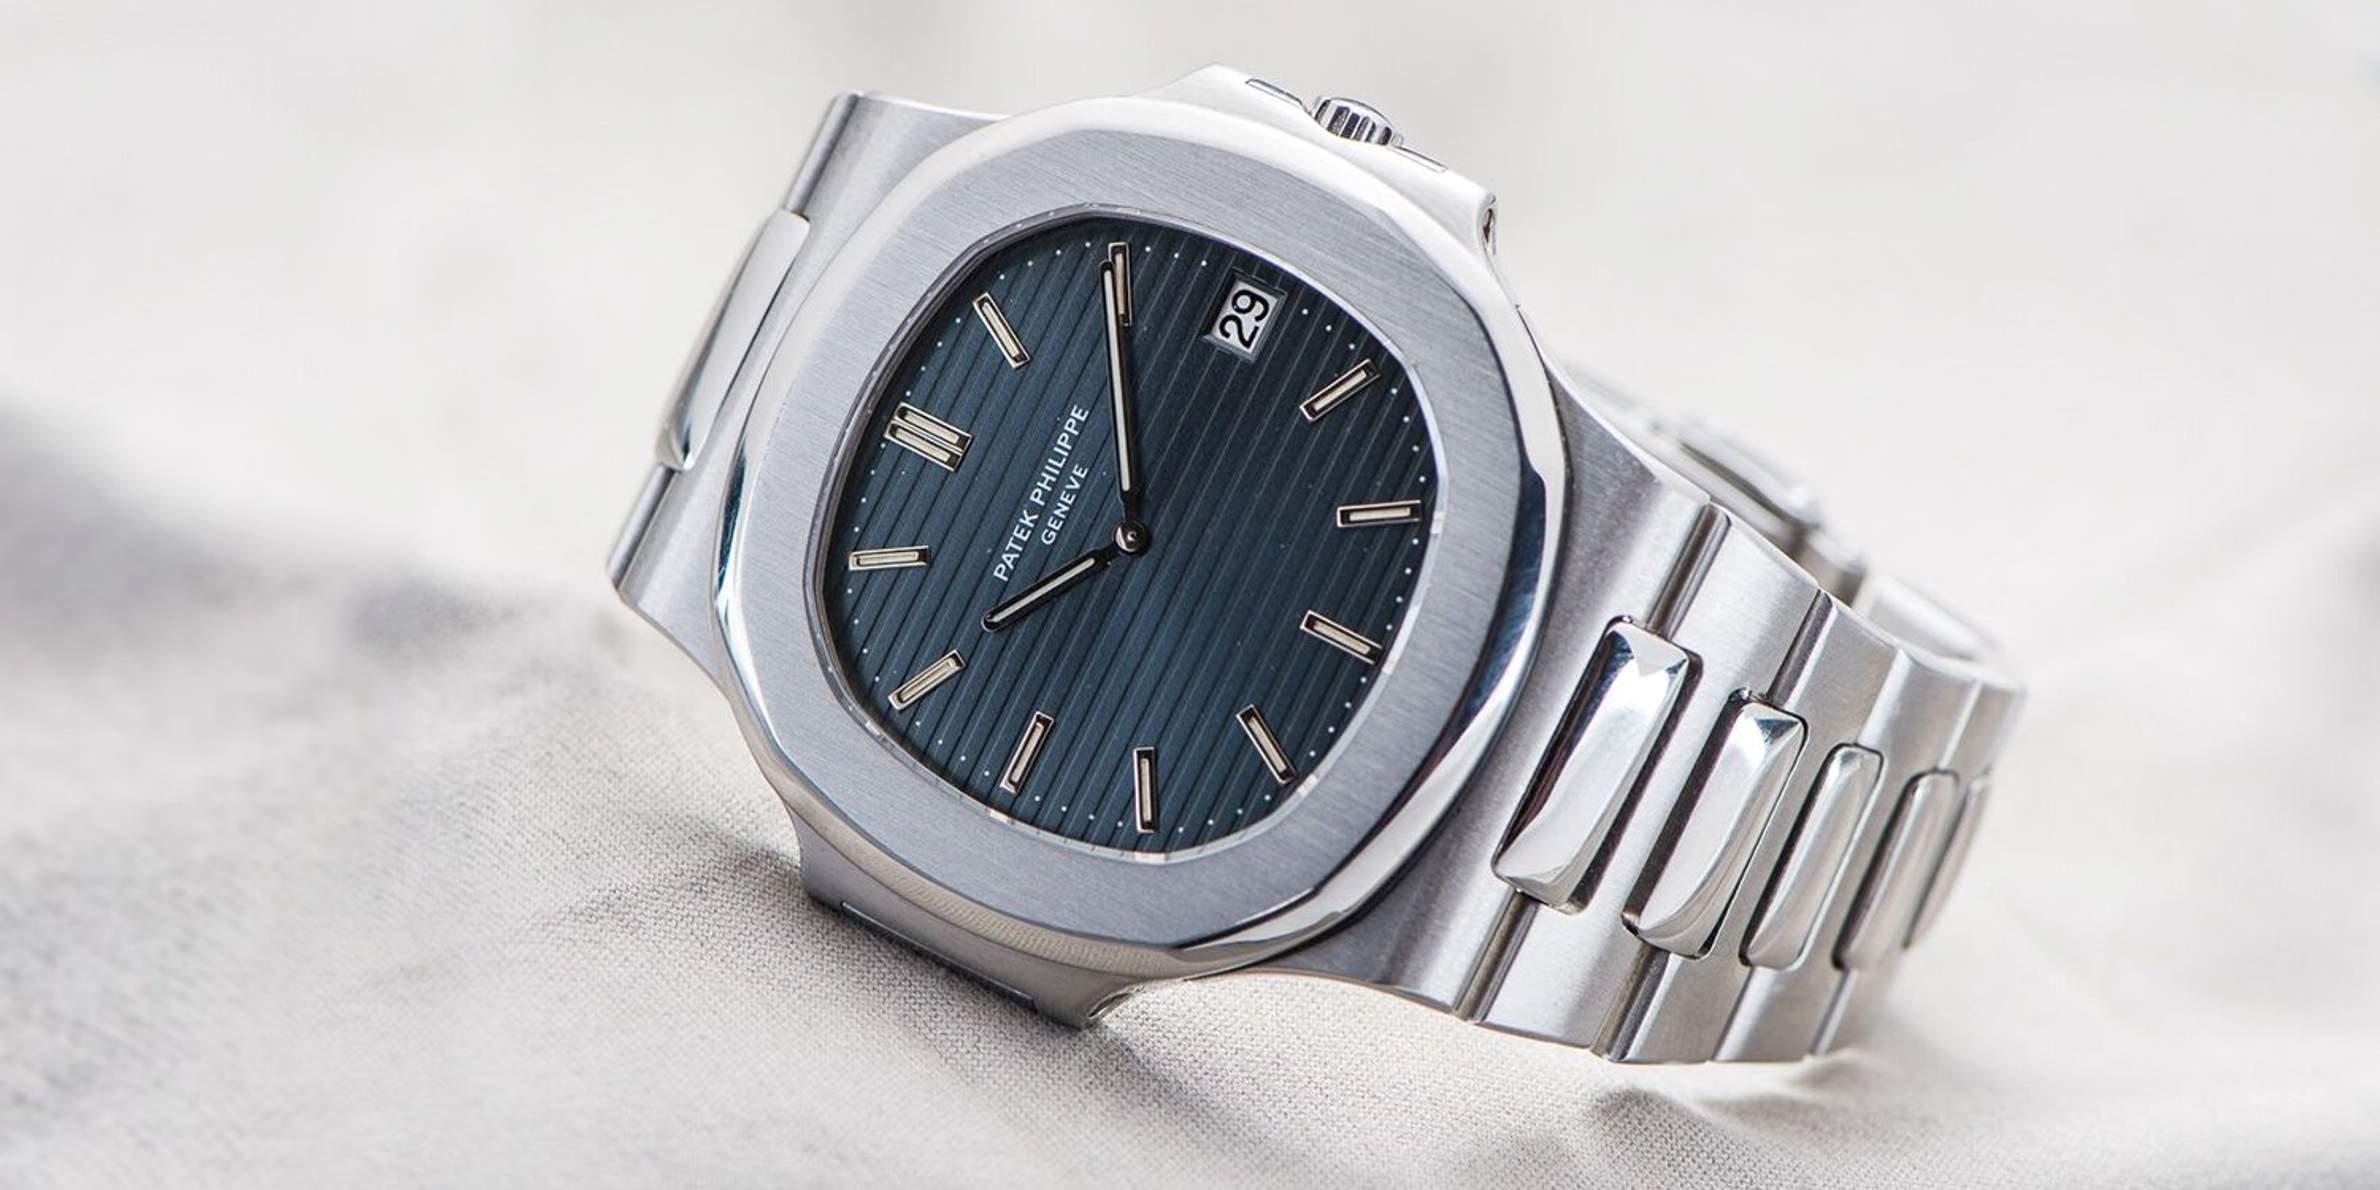 CAM-1583-Grail-Watch-2-1